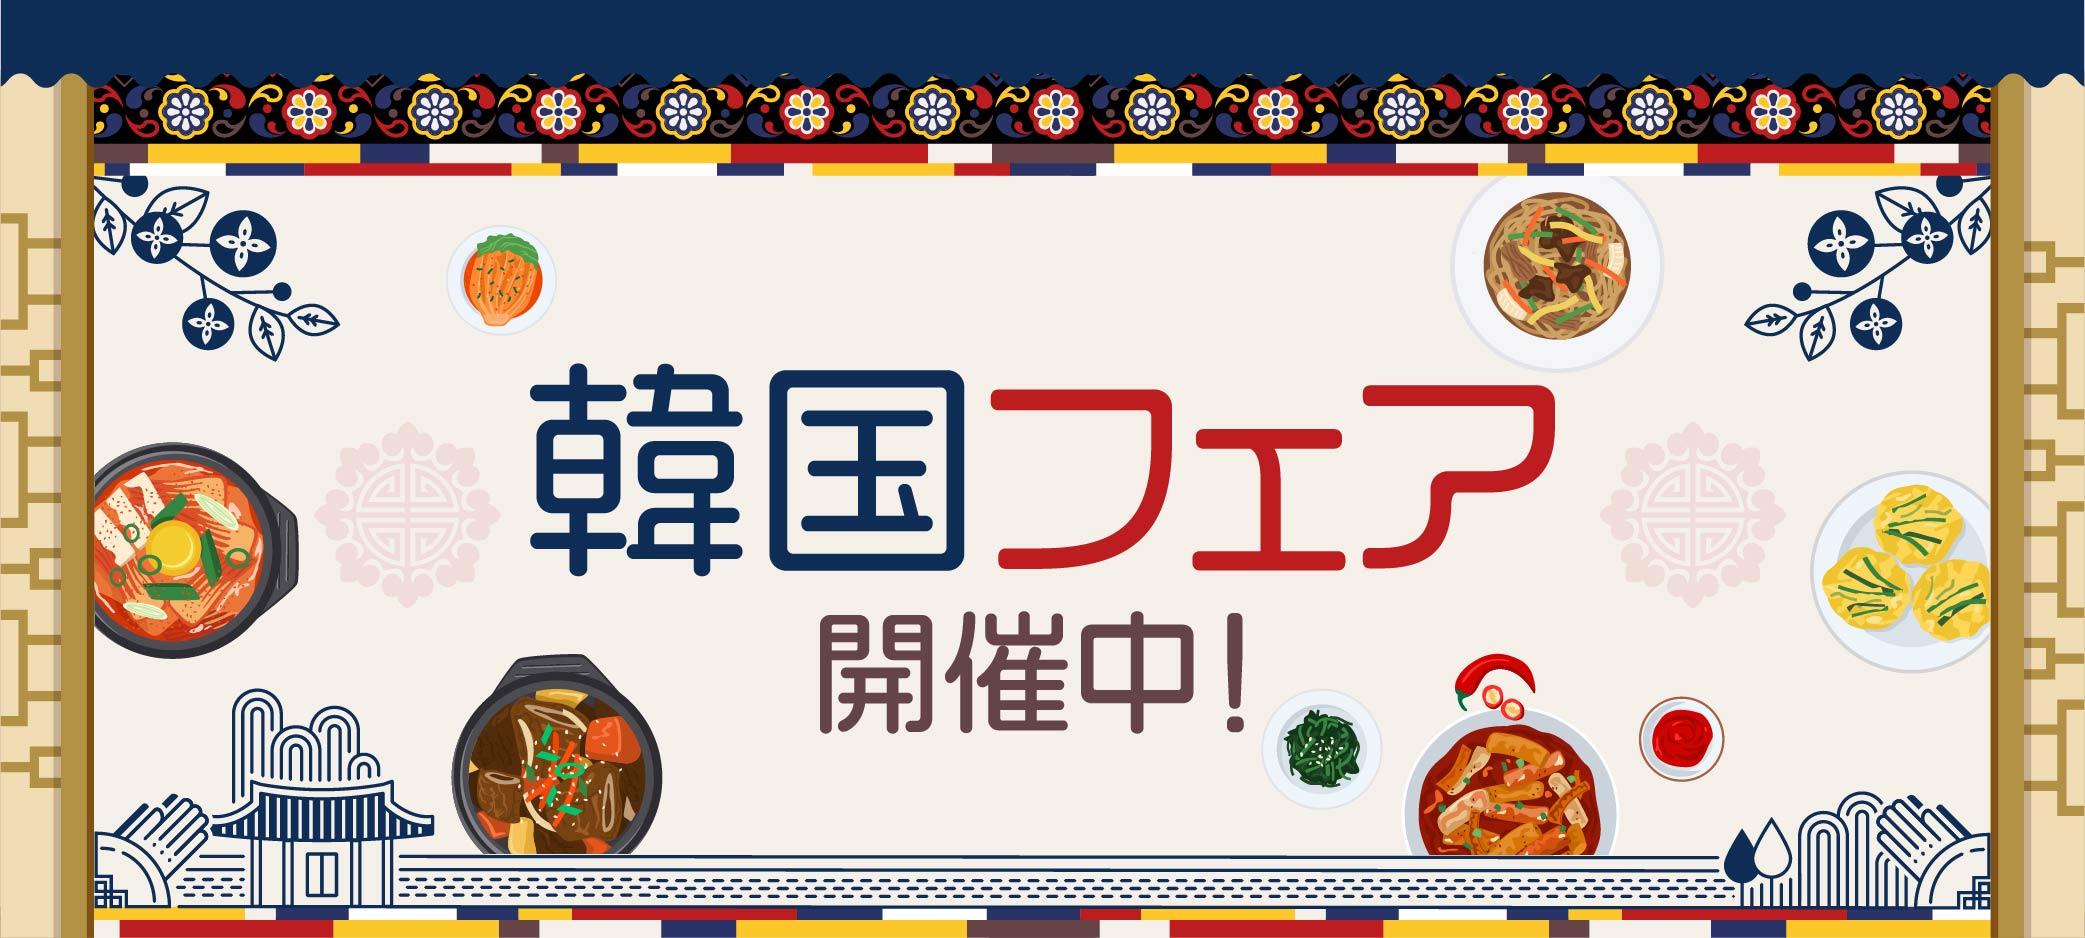 北野エース 一部店舗にて「韓国フェア」開催中!